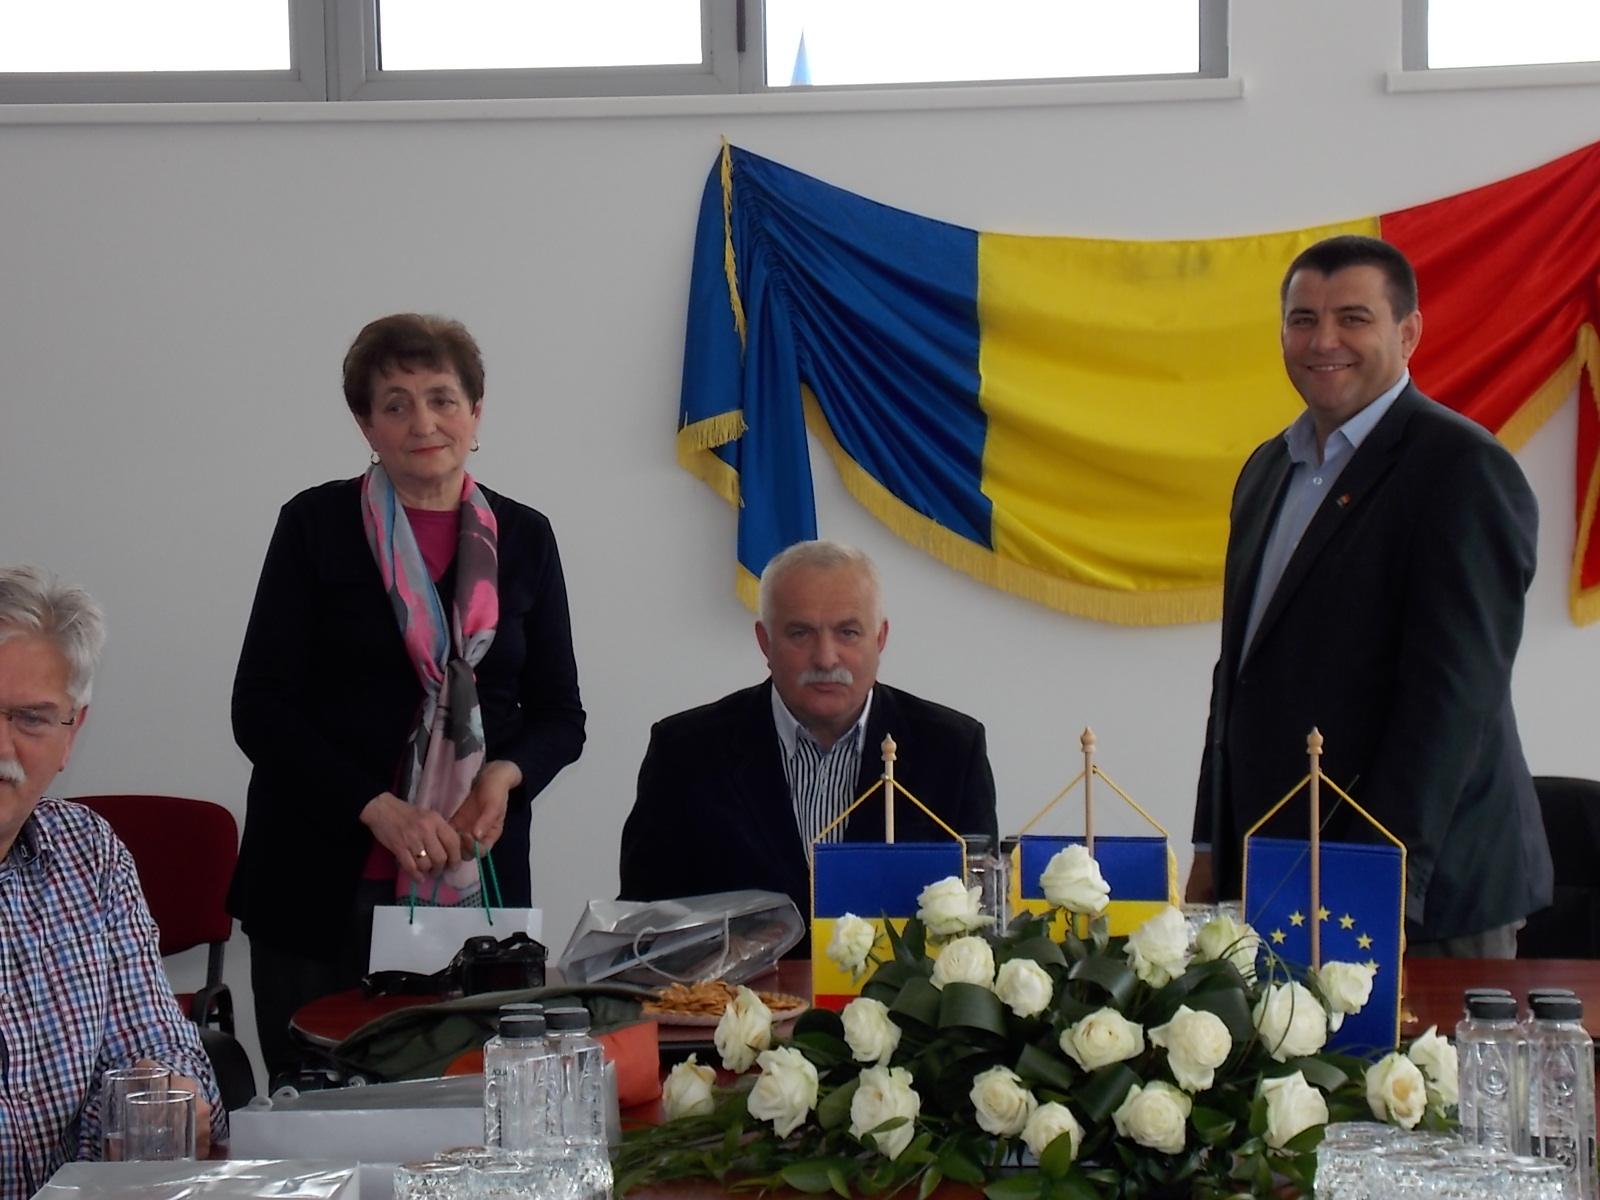 Reprezentanții Camerei de Agricultură din Polonia, în vizită la Beclean. Ce i-a impresionat aici – FOTO